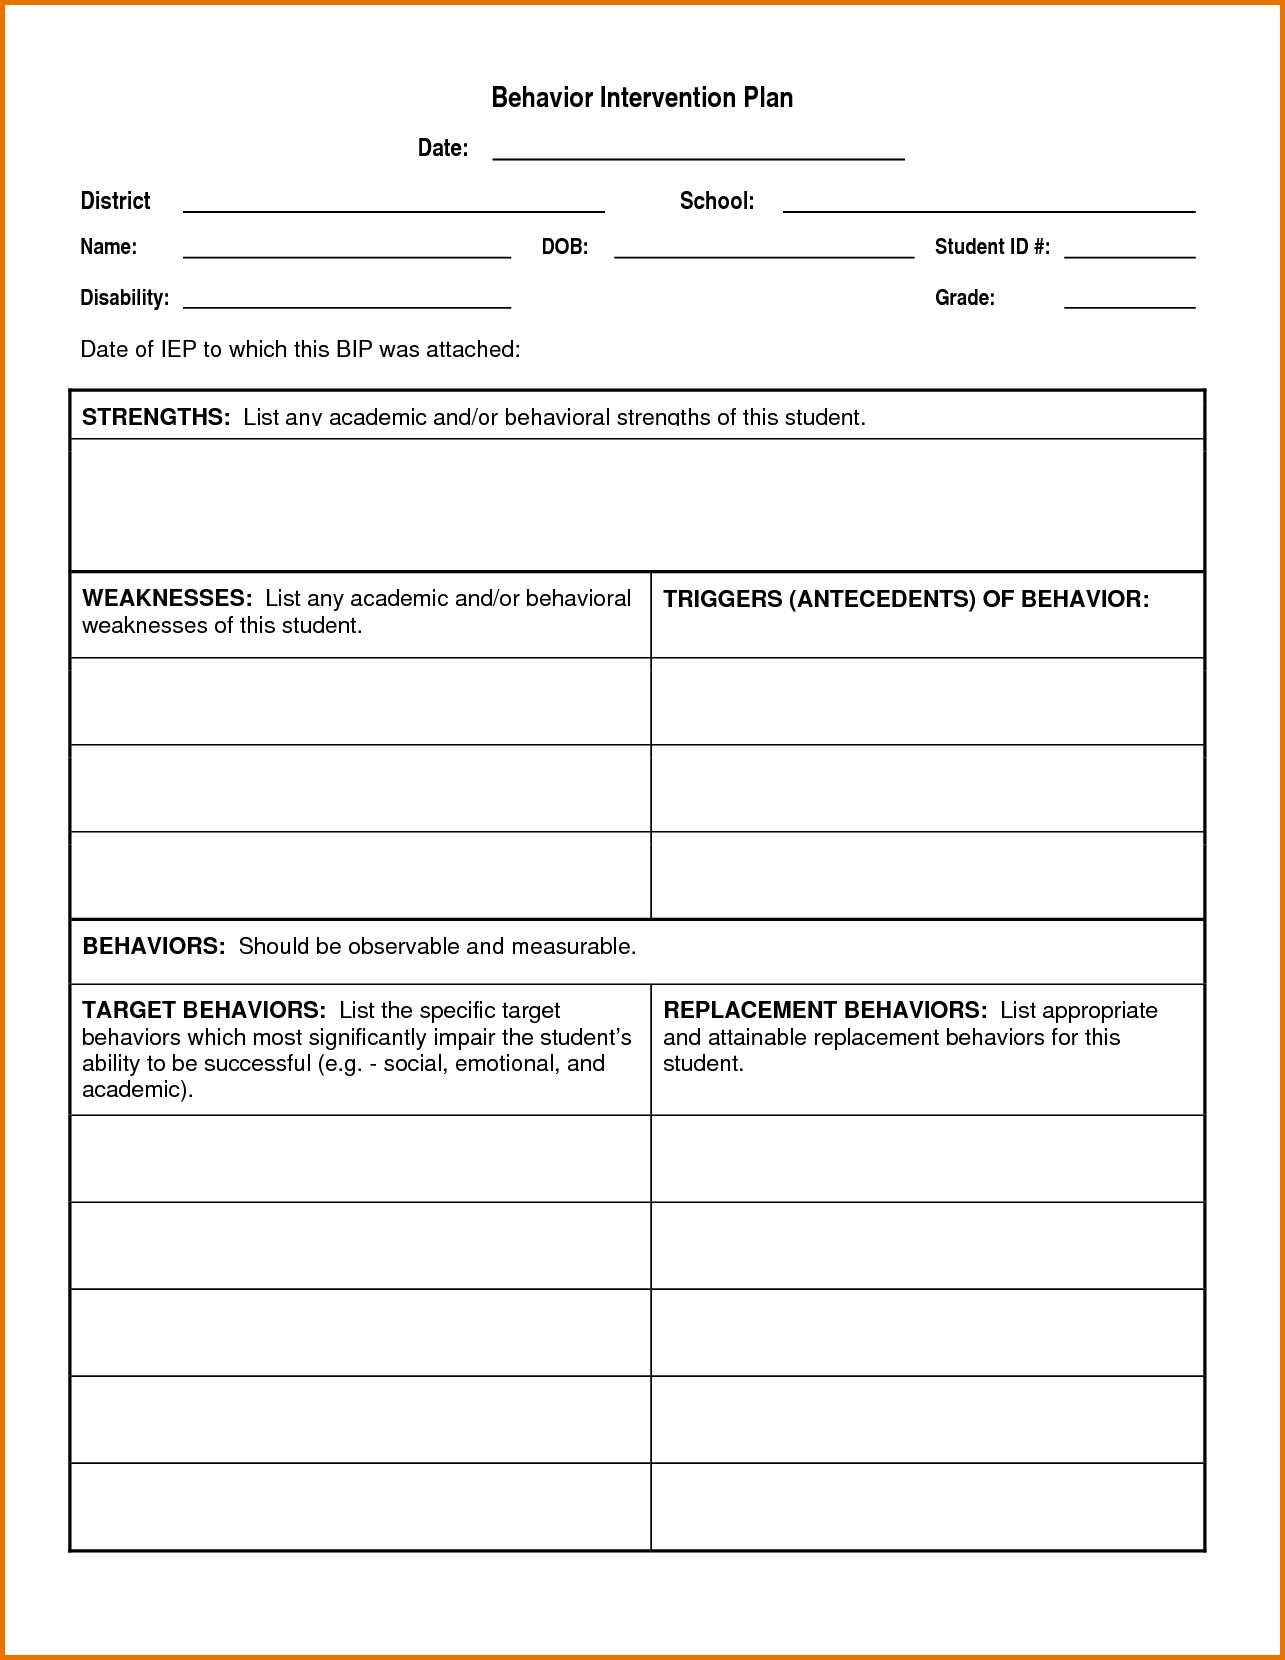 Behavior Intervention Plan Template Behavior Intervention